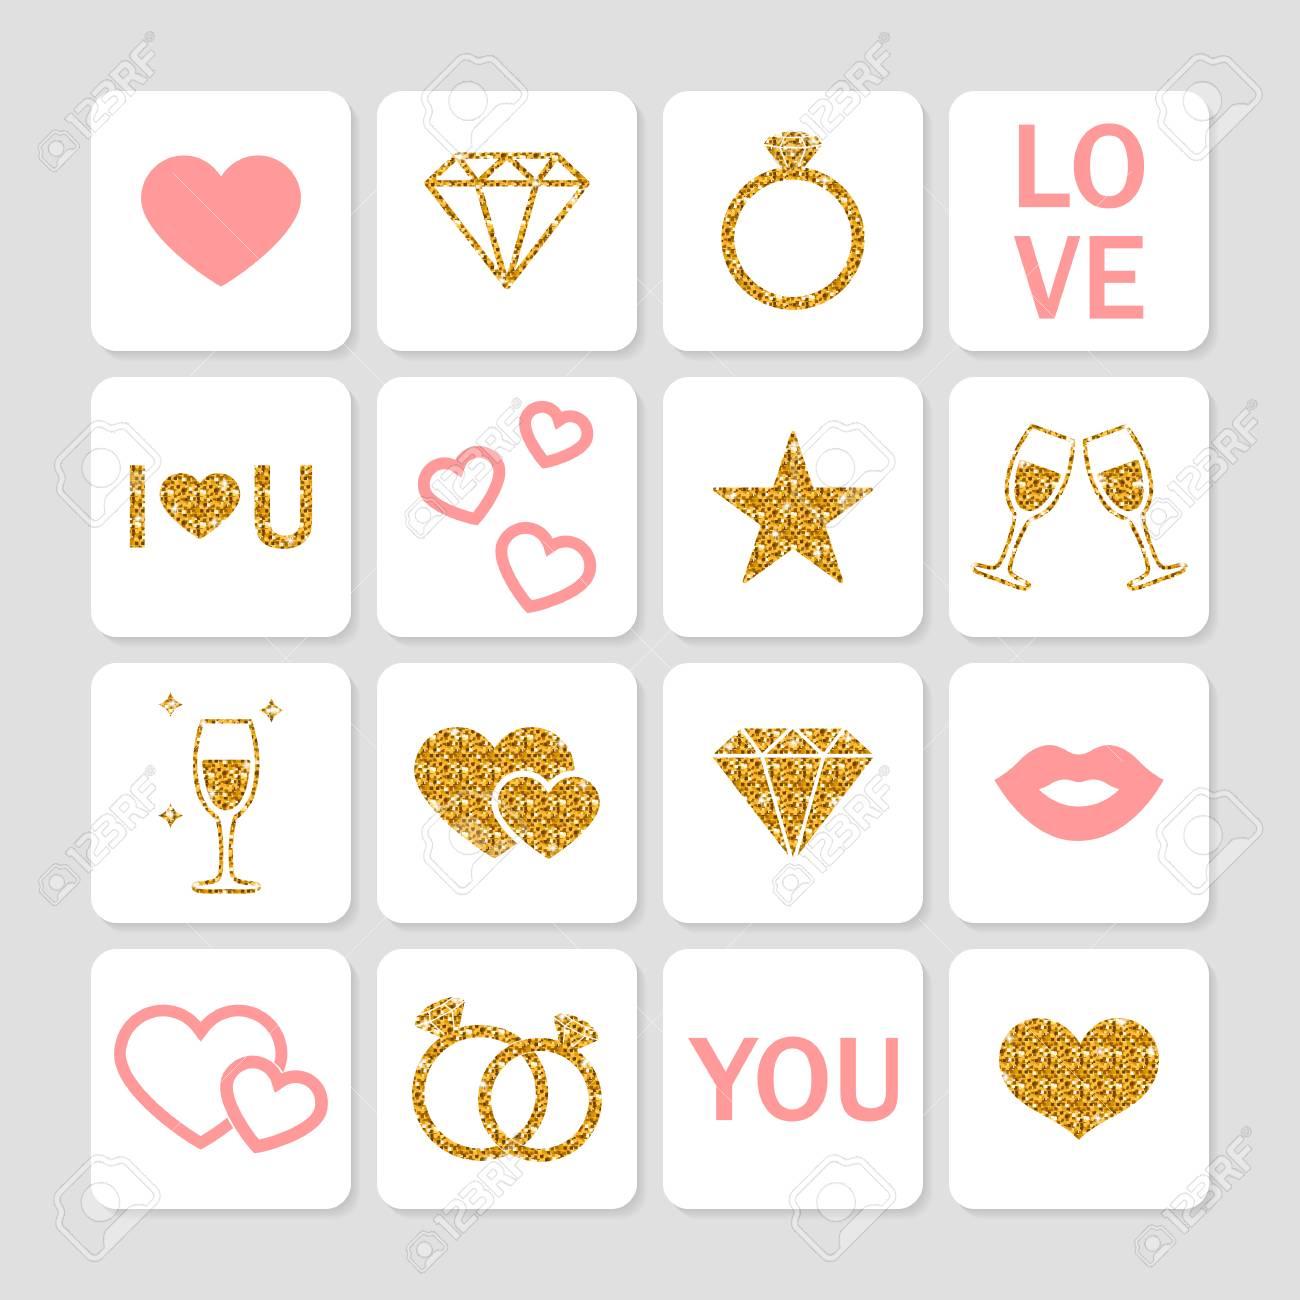 Decorazioni Lettere D Amore set di icone di amore. romantic lucide icone d'oro per san valentino, la  progettazione, la cartolina d'auguri, decorazioni. matrimonio e amore  icone.